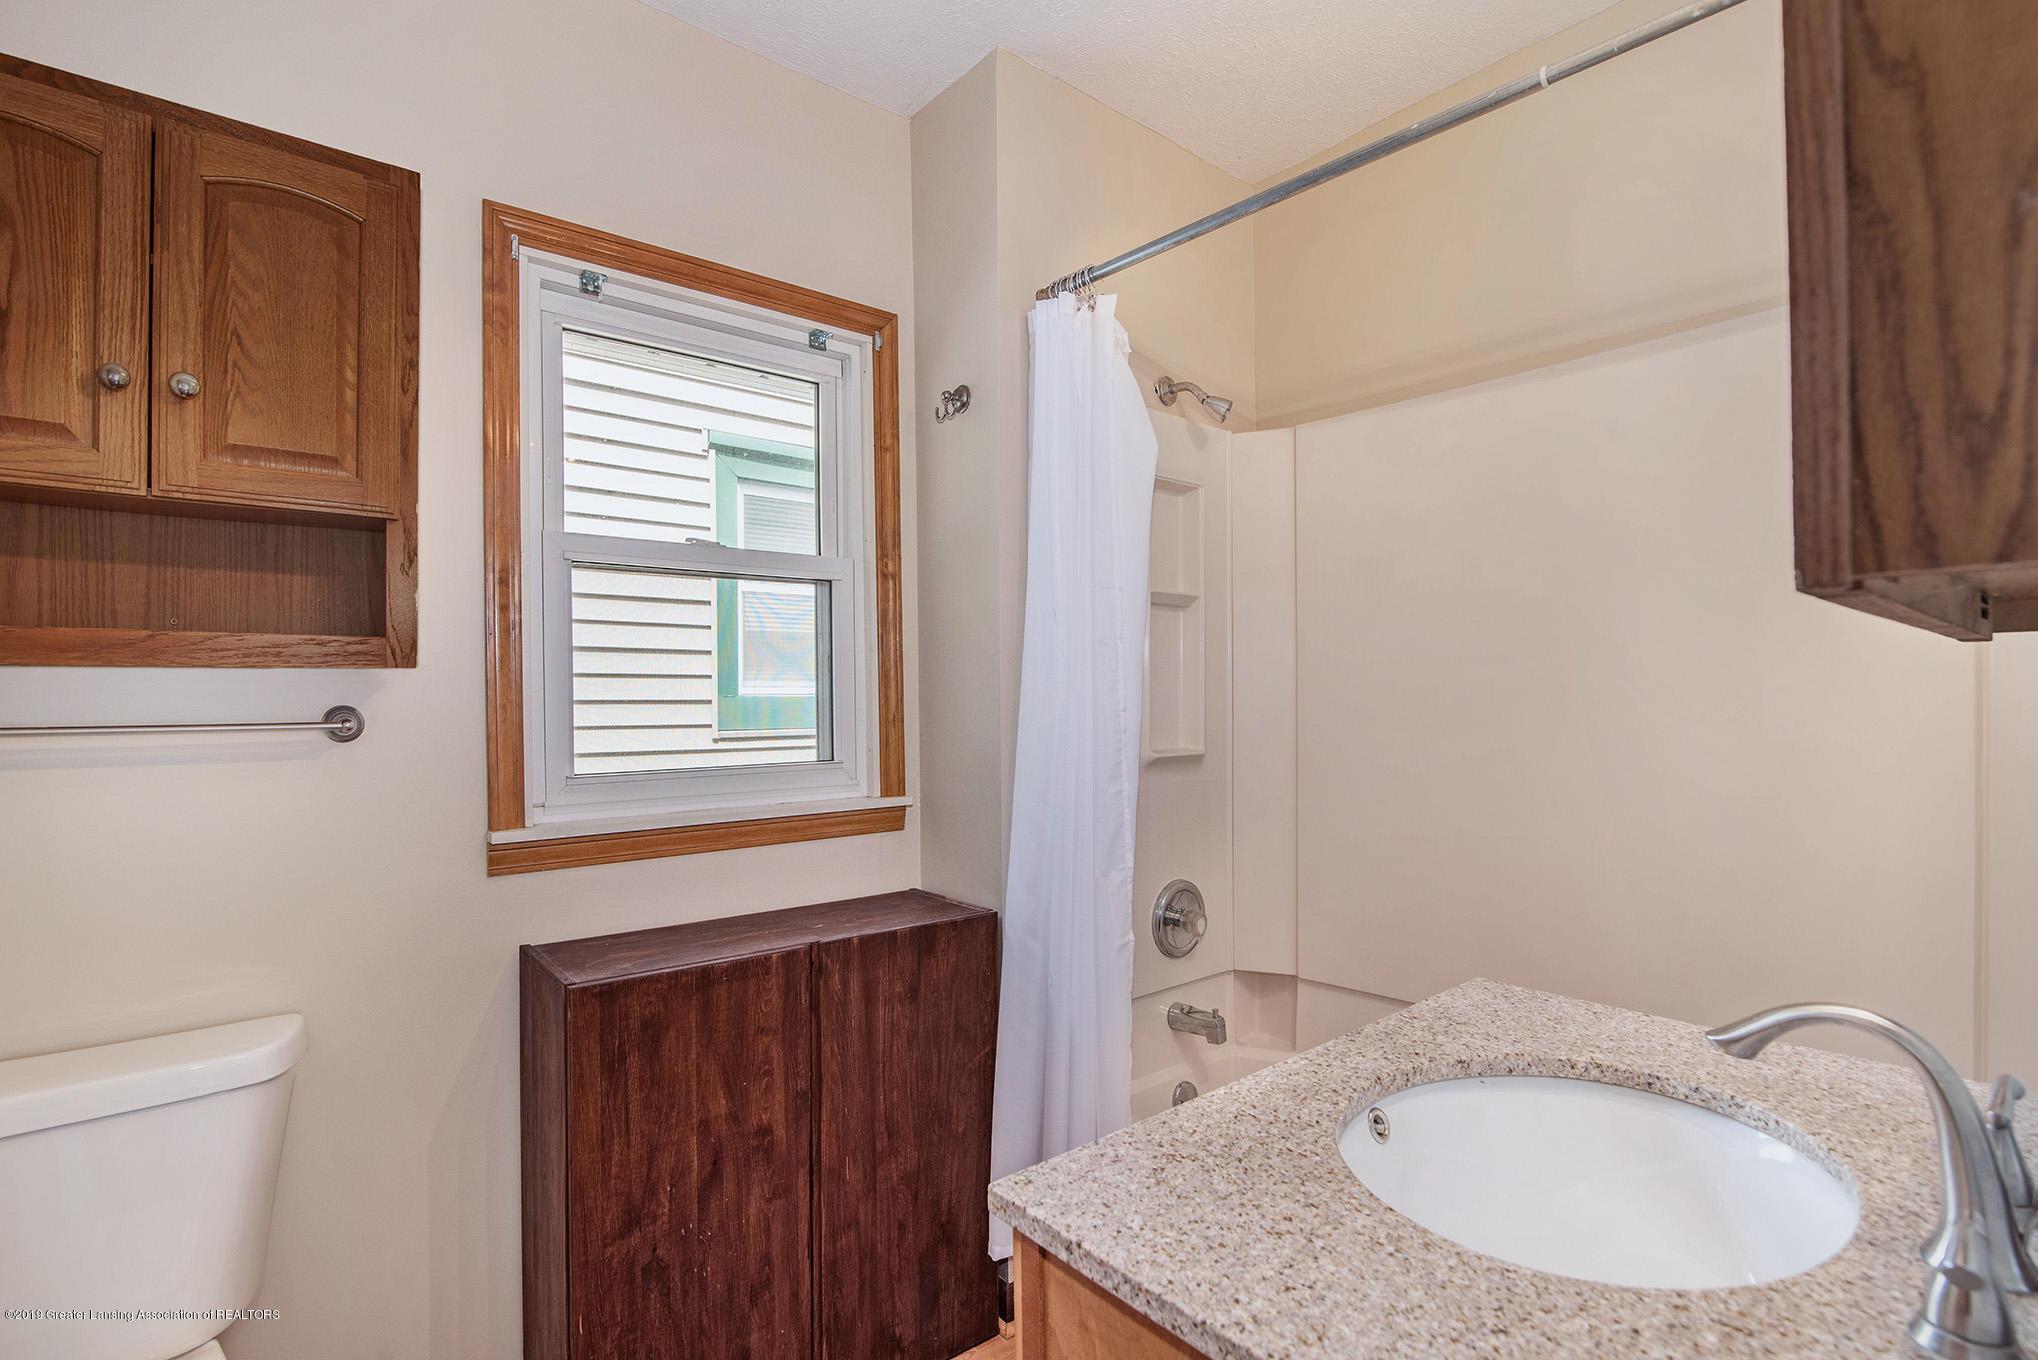 319 N Hayford Ave - 11 bath - 11